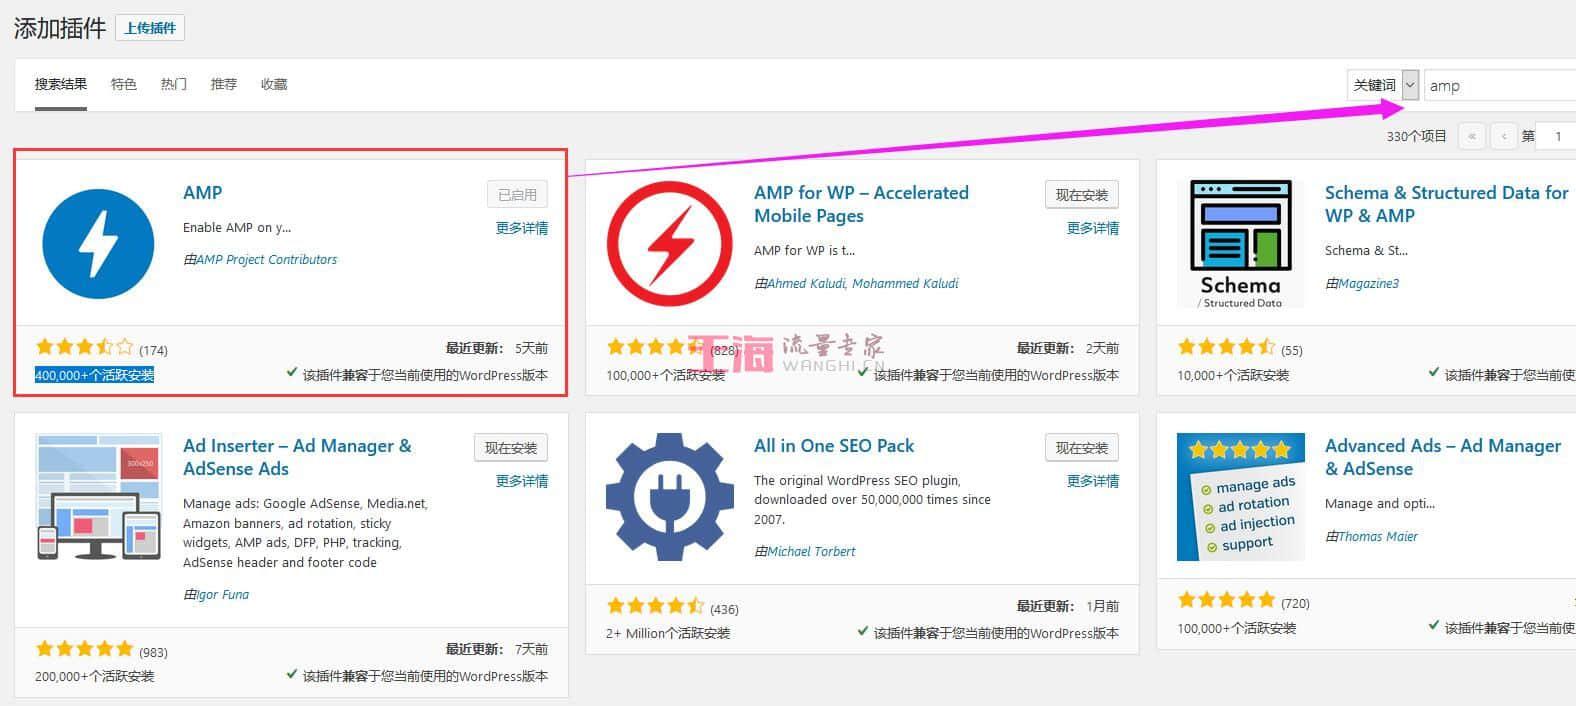 wordpress加速技术:WP增加百度AMP自动推送